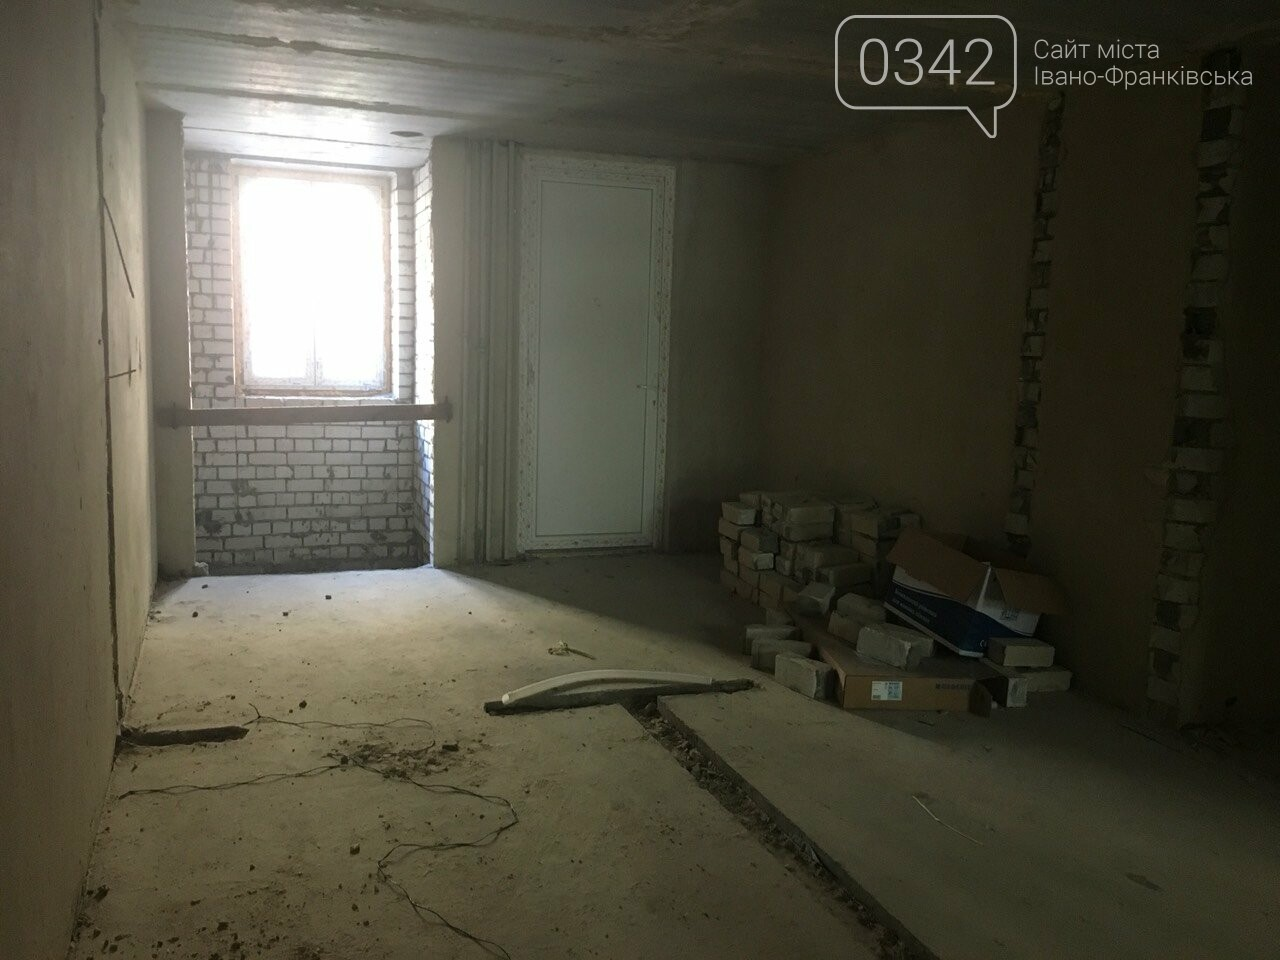 Фонд братів Кузьміних відкриє третій реабілітаційний центр для поранених. На цей раз у Києві, - ФОТО, фото-5